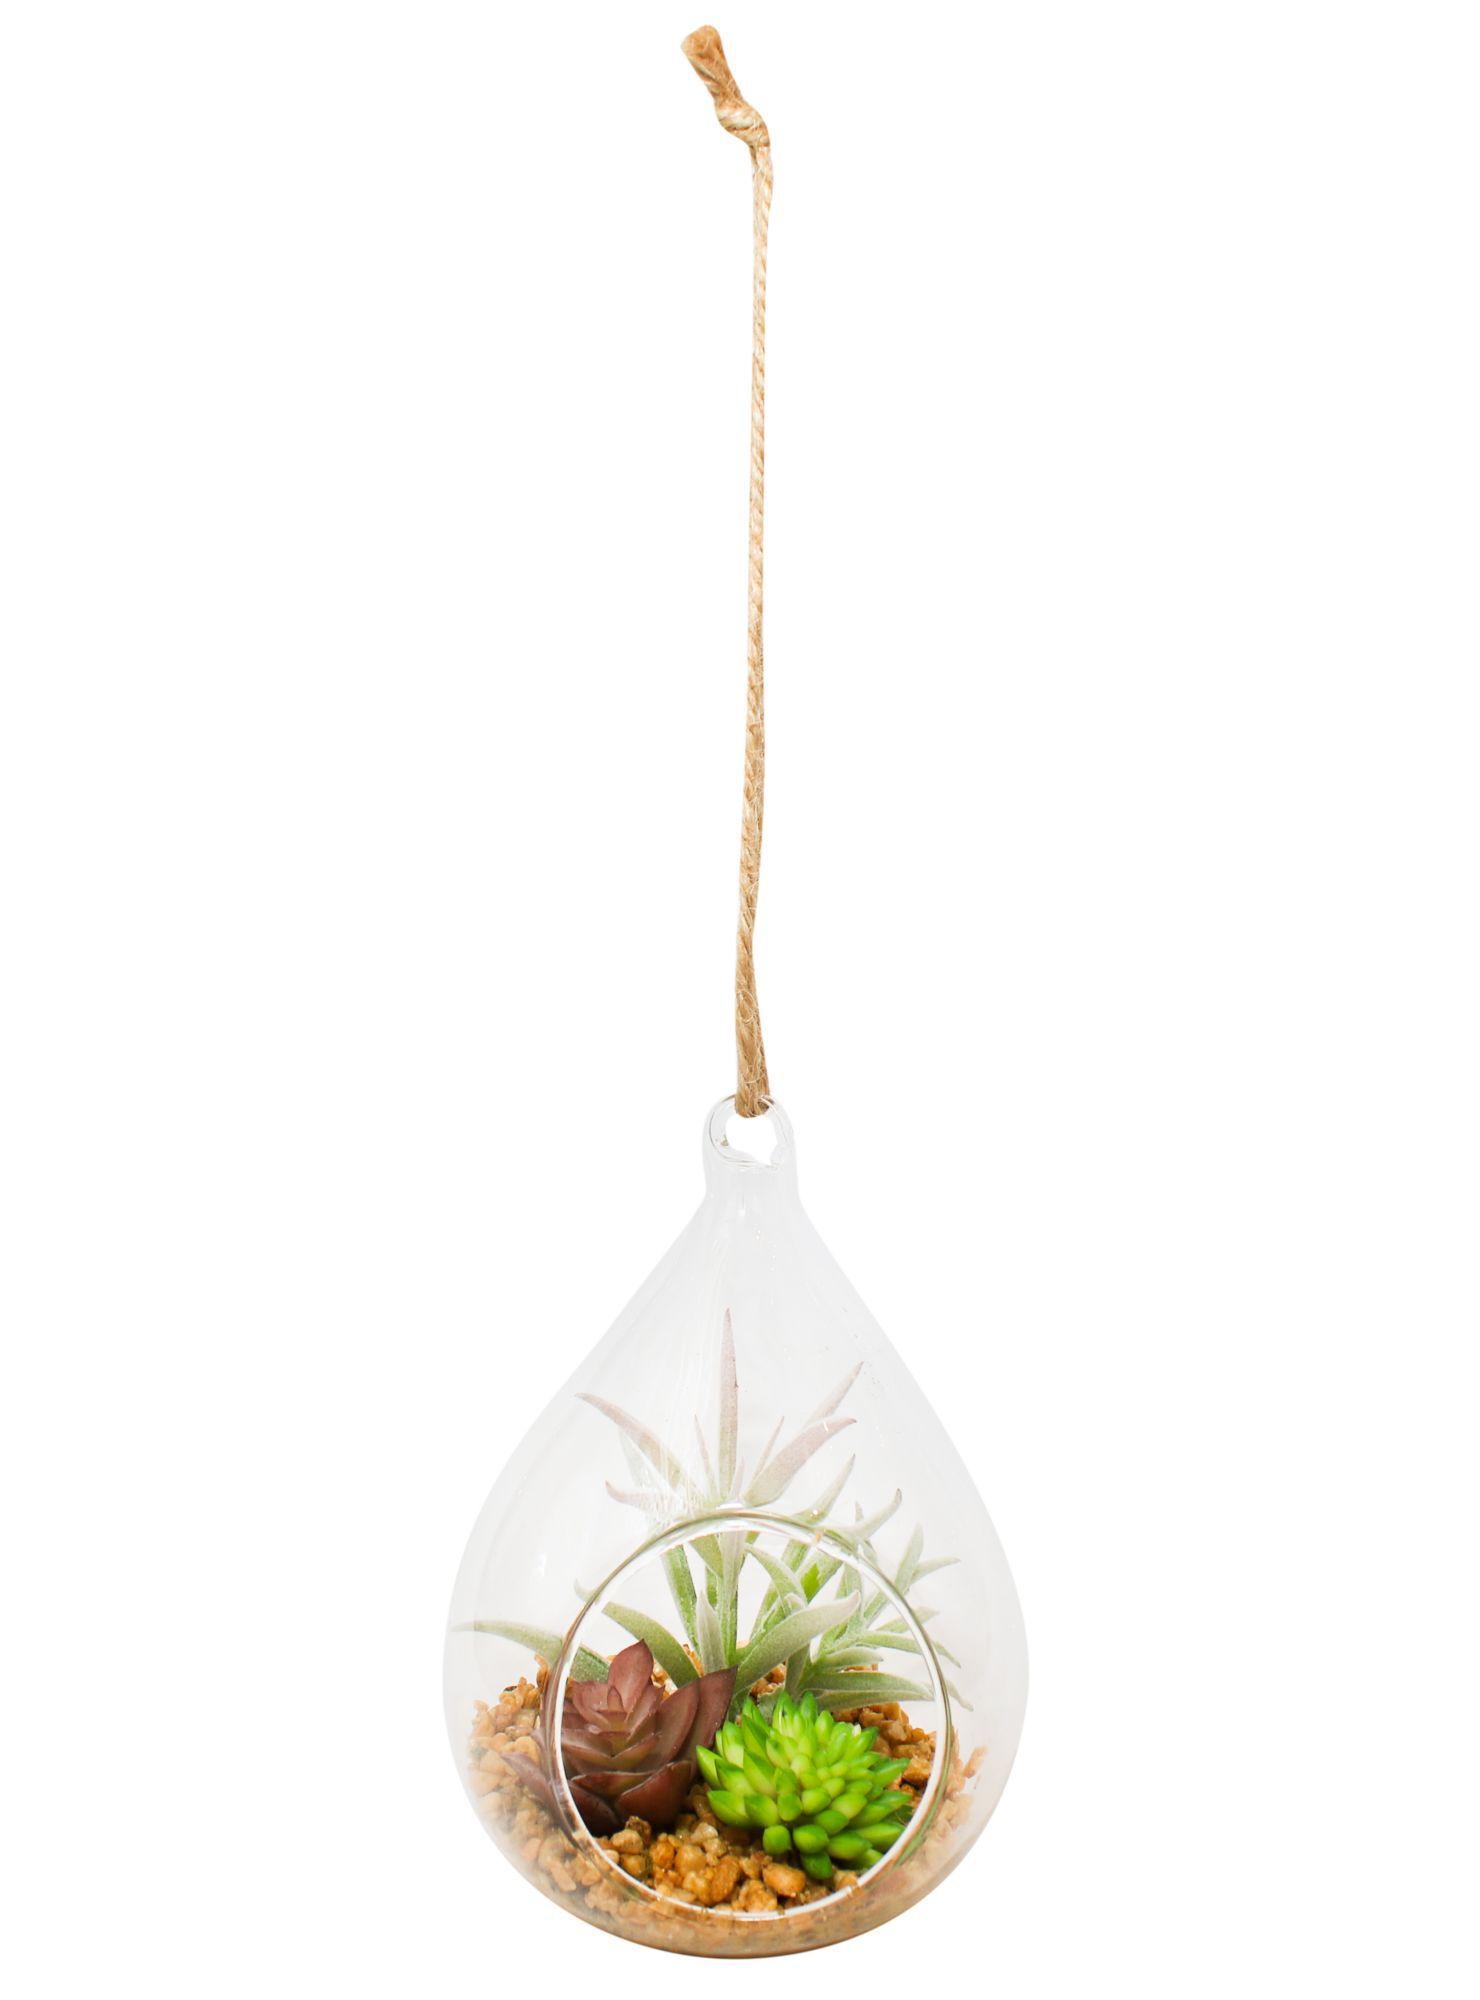 fb14e32e4 Terrario Suculenta Colgante 10x8x14cm Alaniz Home en Flores y ...